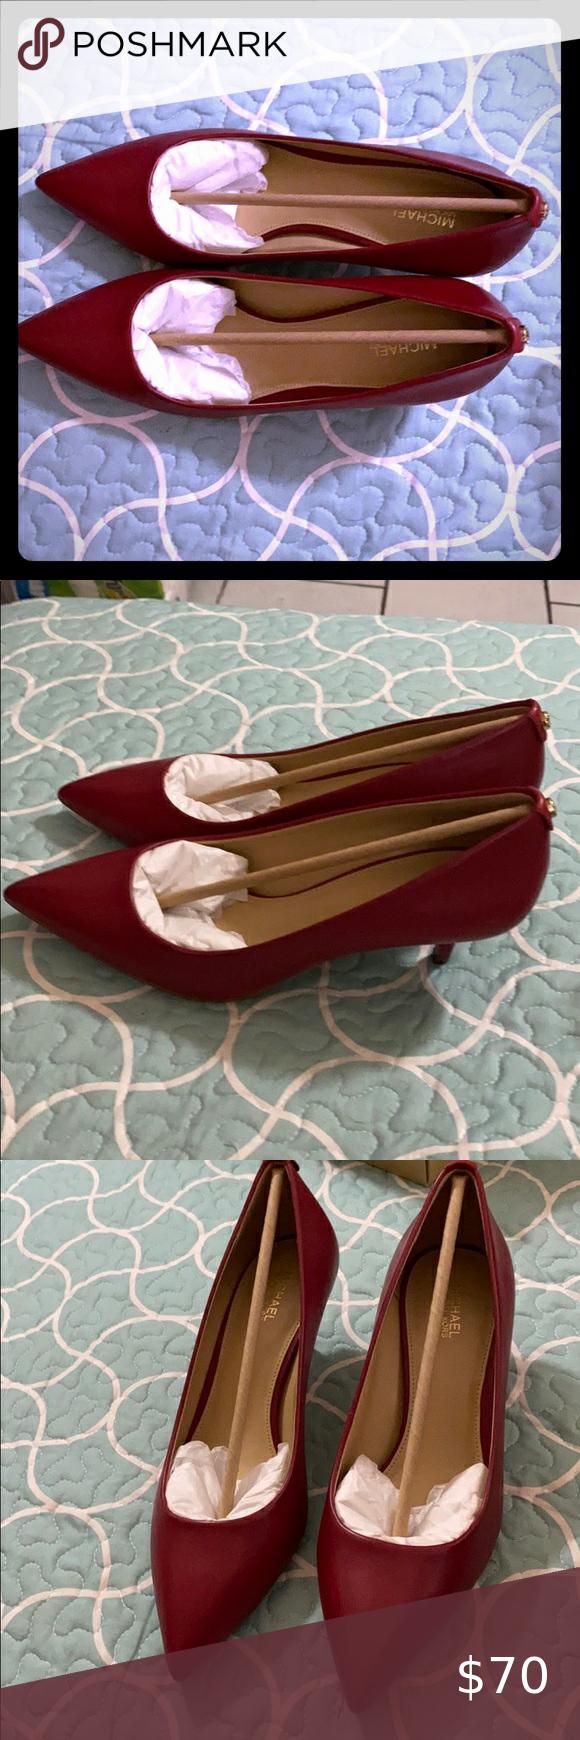 Mk Flex Kitten Pump Leather In 2020 Michael Kors Shoes Heels Shoes Women Heels Michael Kors Pumps